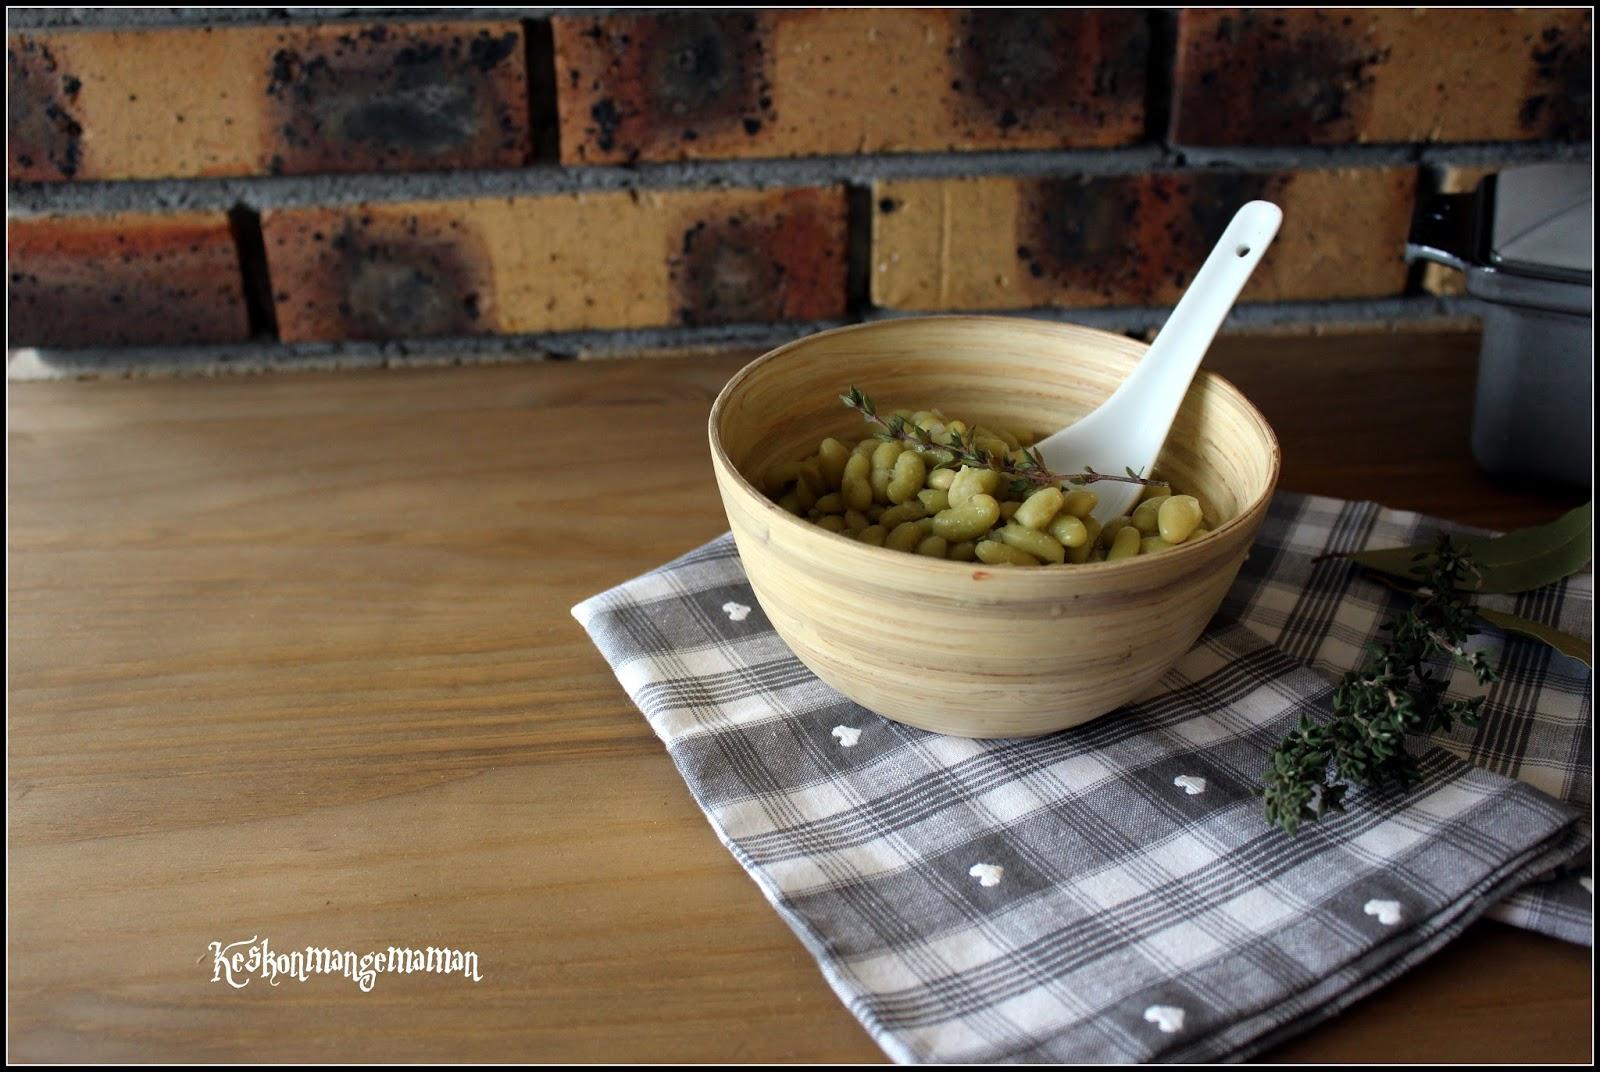 Keskonmangemaman flageolets au multi cuiseur - Comment cuisiner des flageolets en boite ...